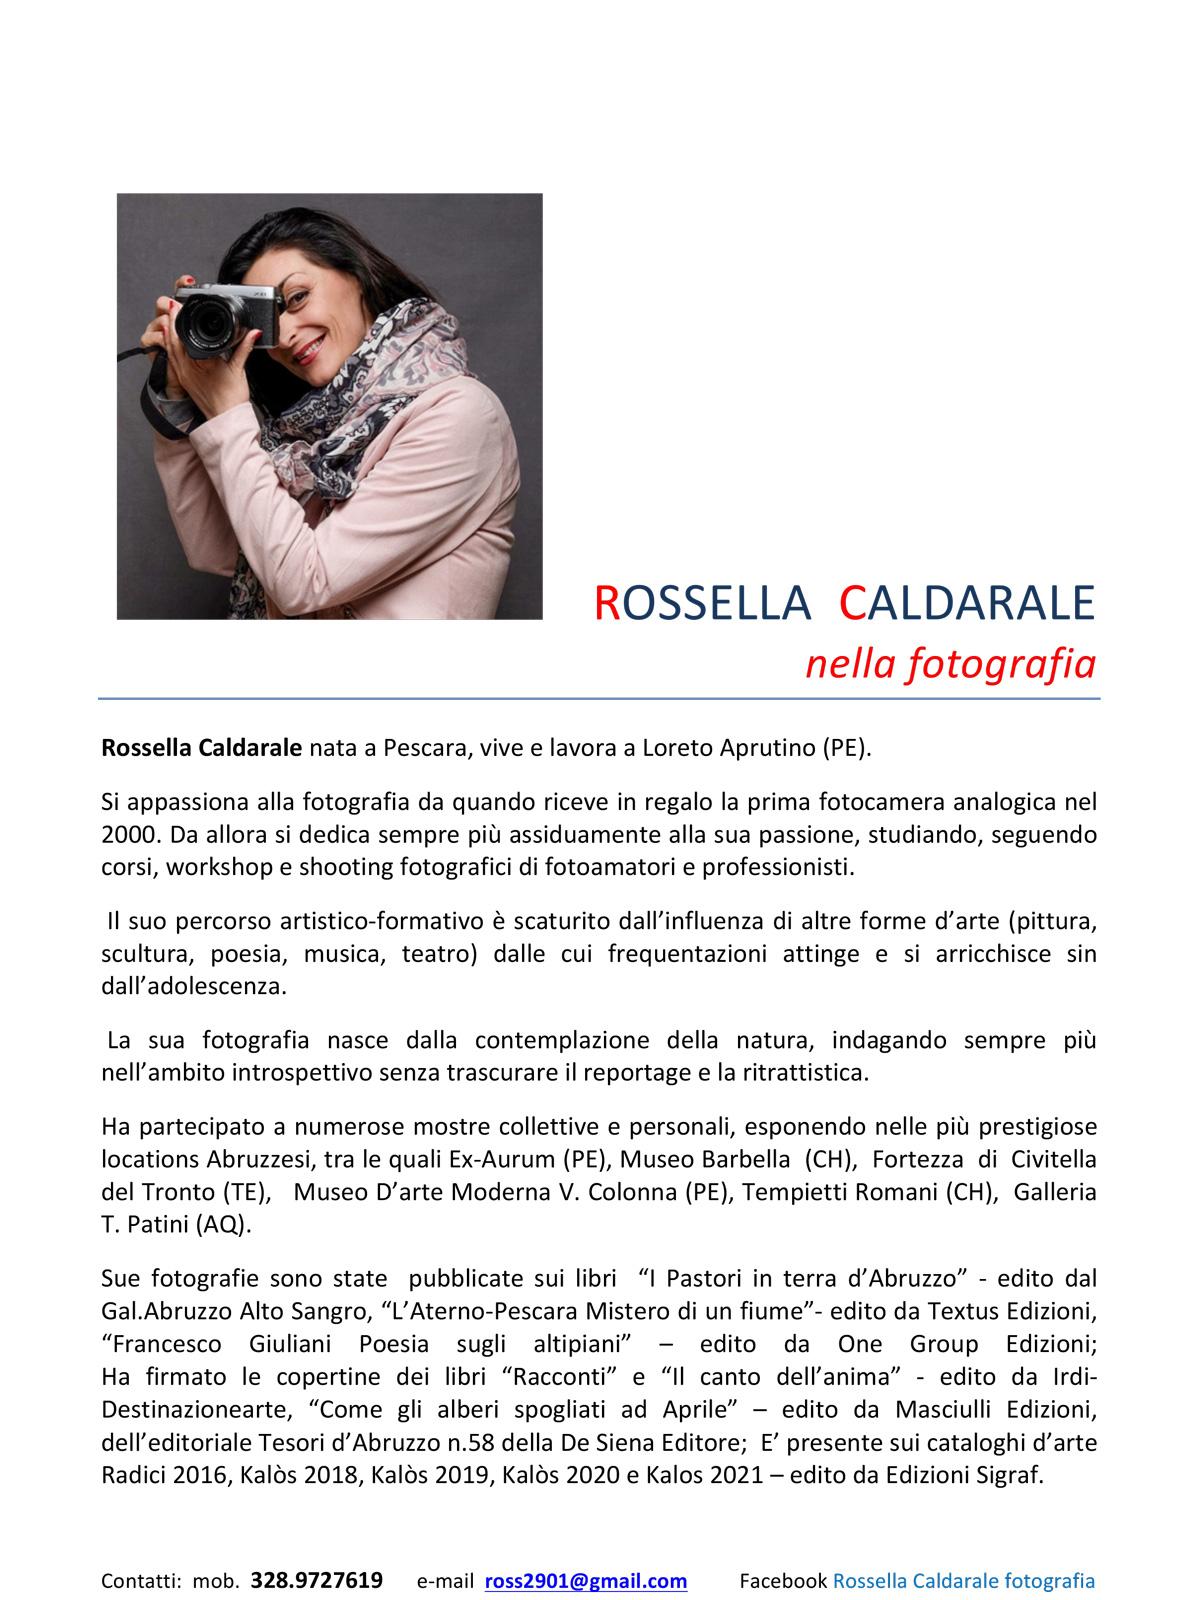 Personale fotografica | FRAMMENTI | 5 settembre 2021 - AbruzzoNaturista